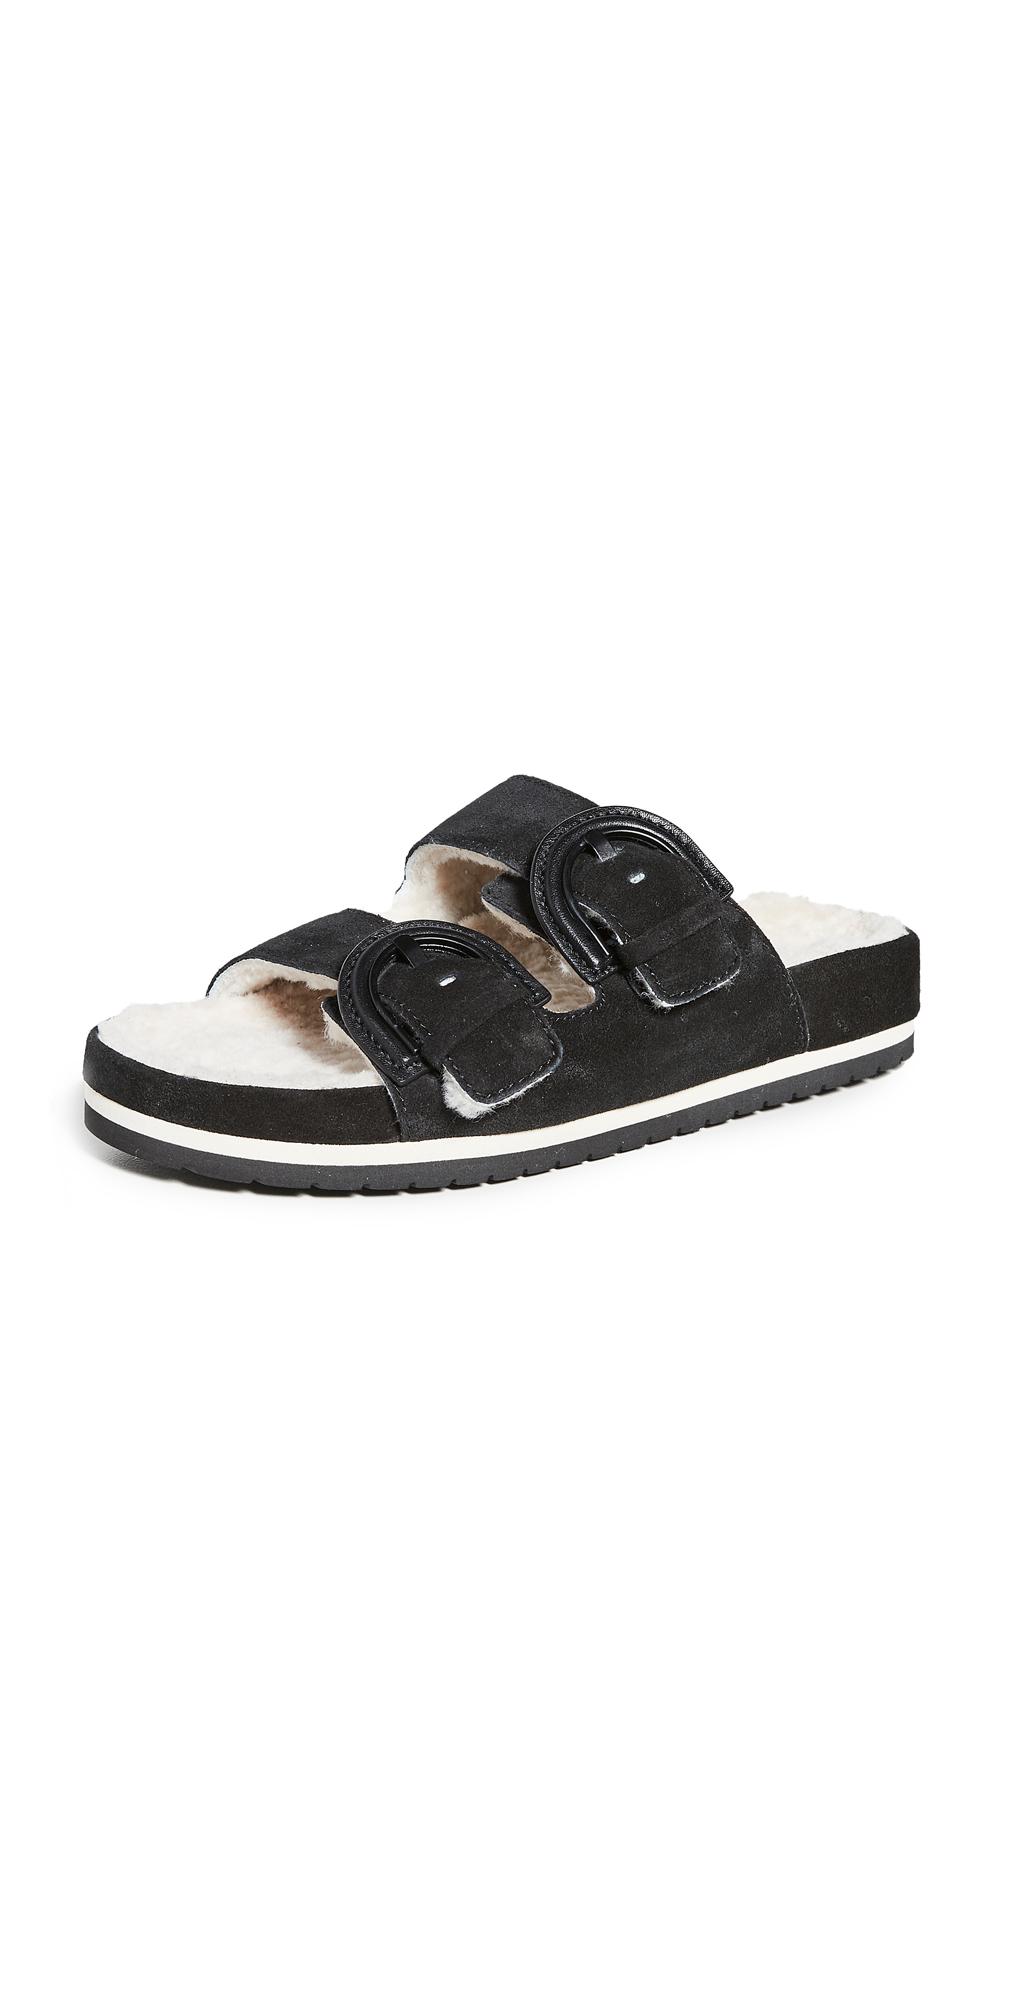 Vince Glyn Slide Sandals